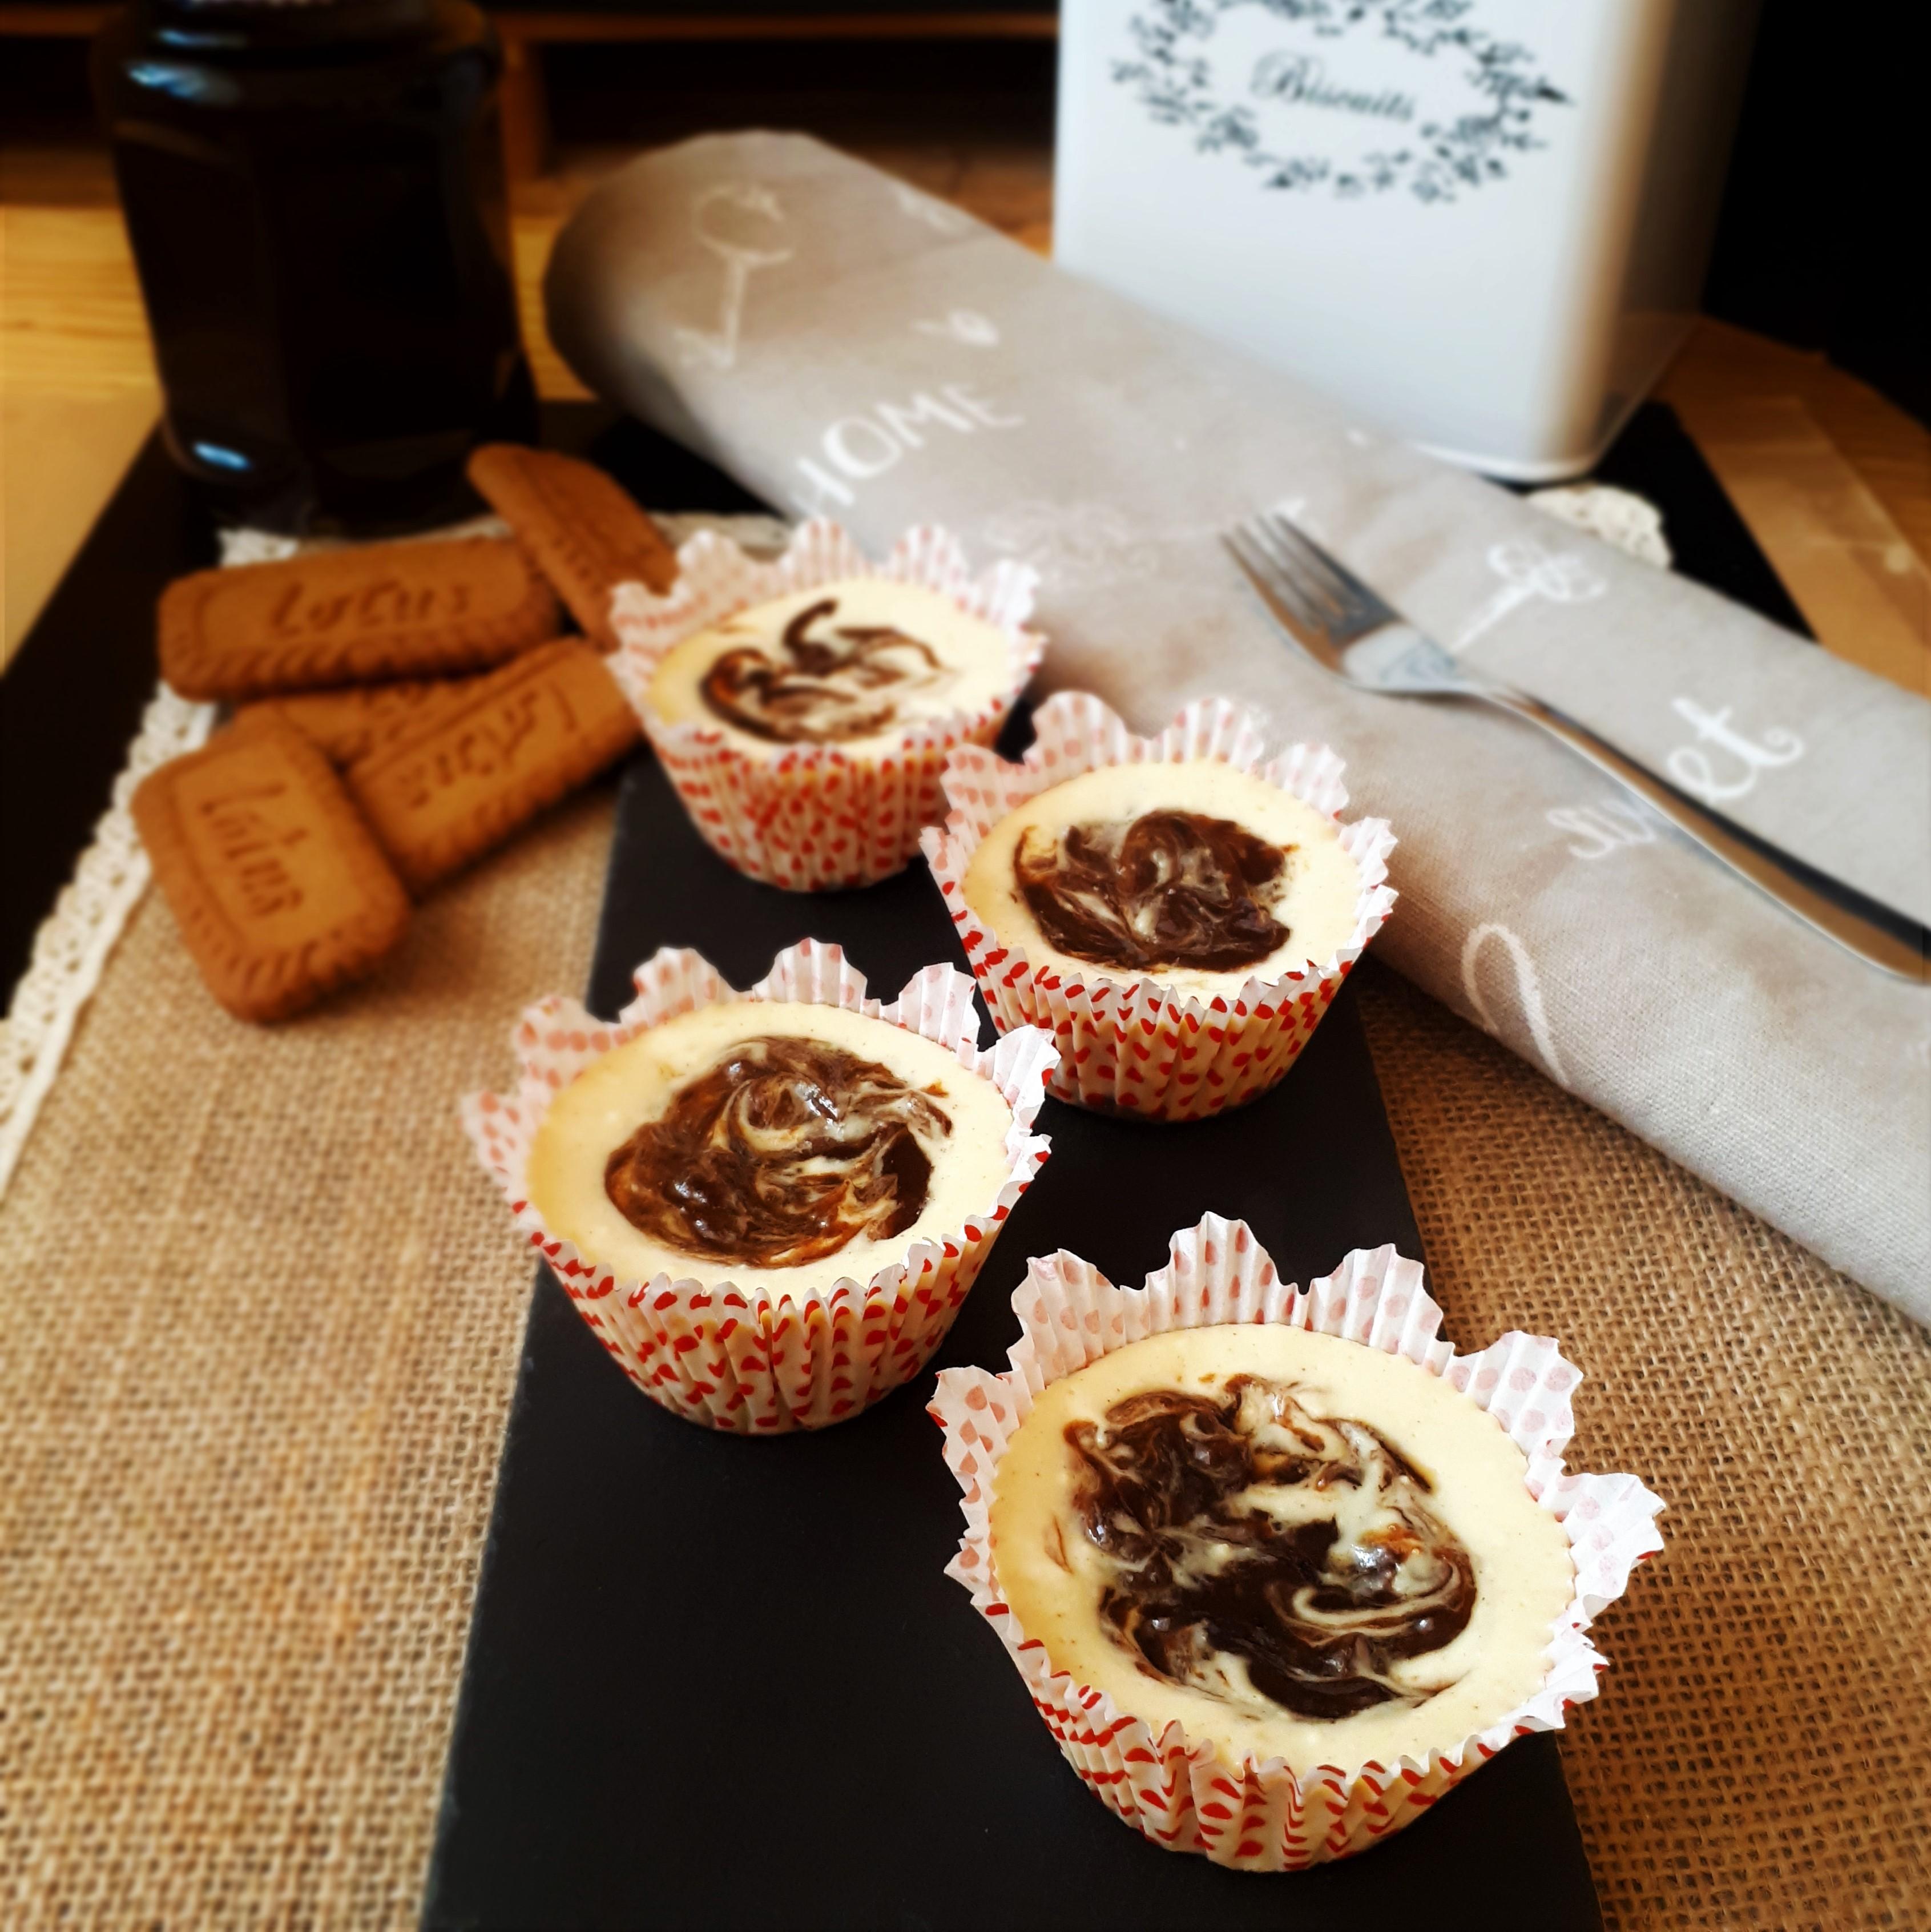 Štyri mini cheesecake muffiny so slivkovým lekvárom v bielych papierovým košíčkoch na čiernej kamennej doske plstenné prestieranie šedá kuchynská utierka s dezertovu lyžičkou vysypané Lotus sušienky pohároso slivkovým lekvárom biela dóza na sušienky